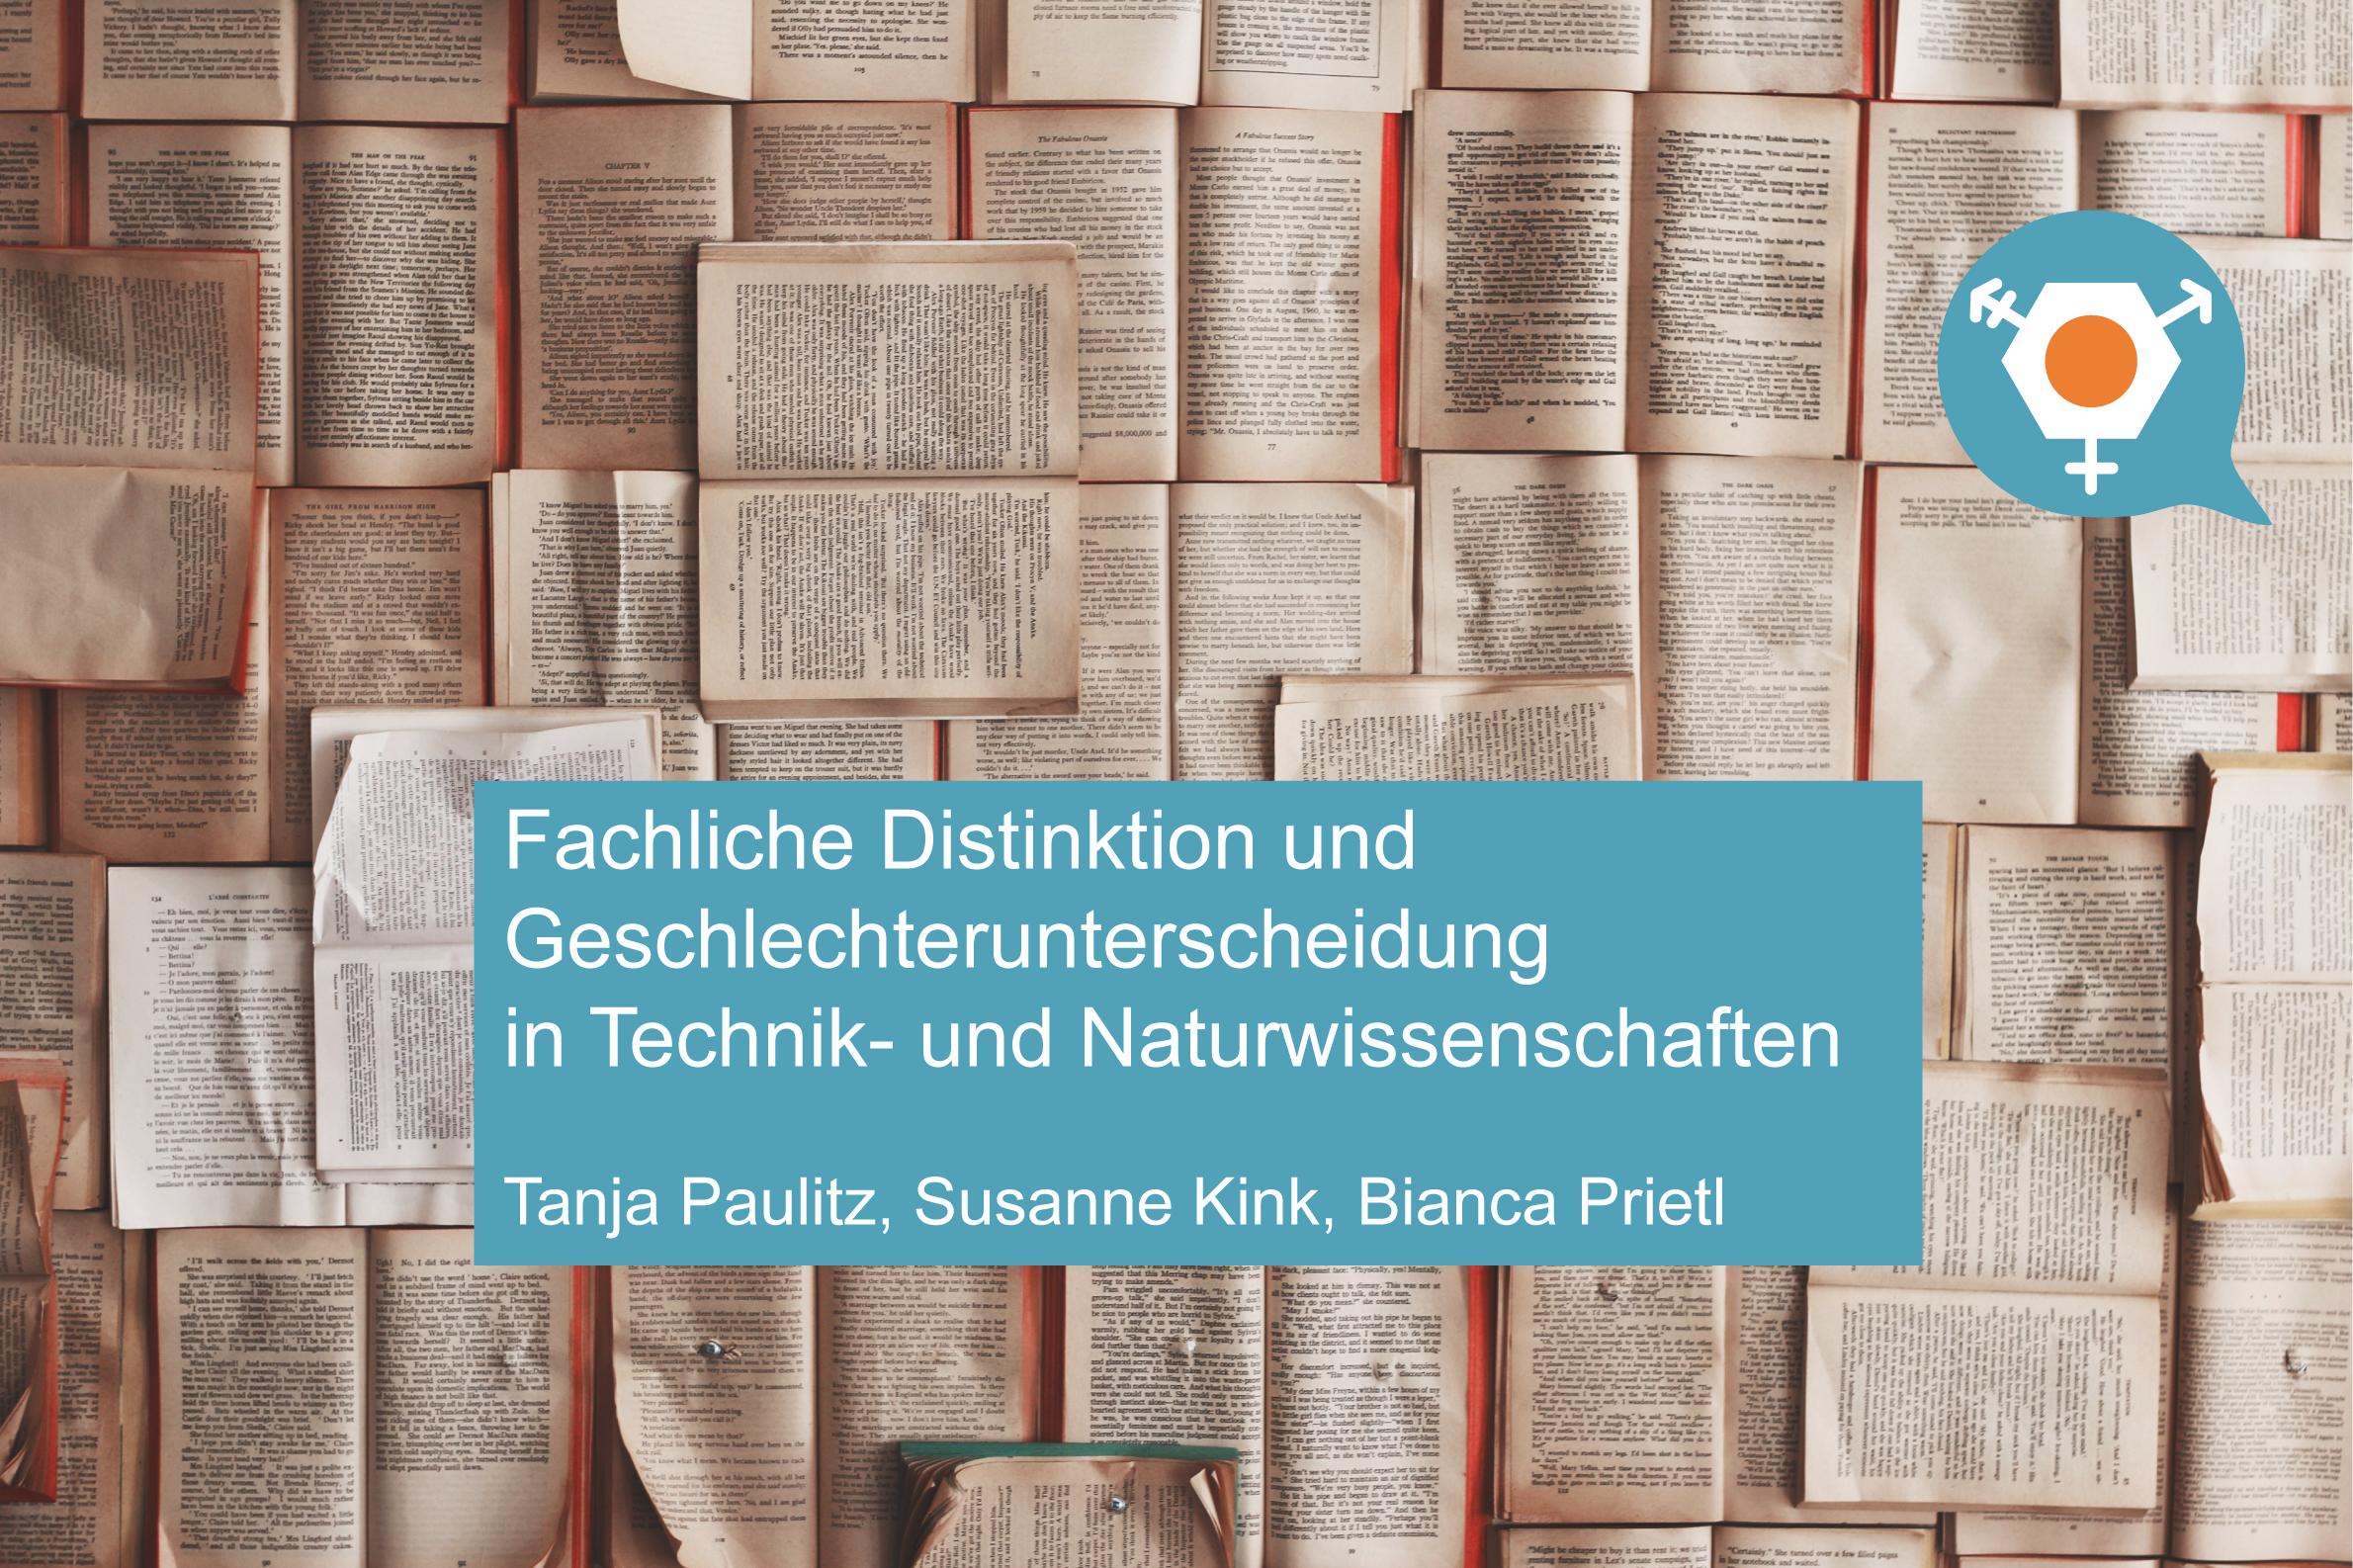 Wie sieht das Selbstbild der Wissenschaftler*innen in den Technik- und Naturwissenschaften aus? Dazu forschen Tanja Paulitz, Susanne Kink und Bianca Prietl. / Quelle: Free-Photos von Pixabay.com